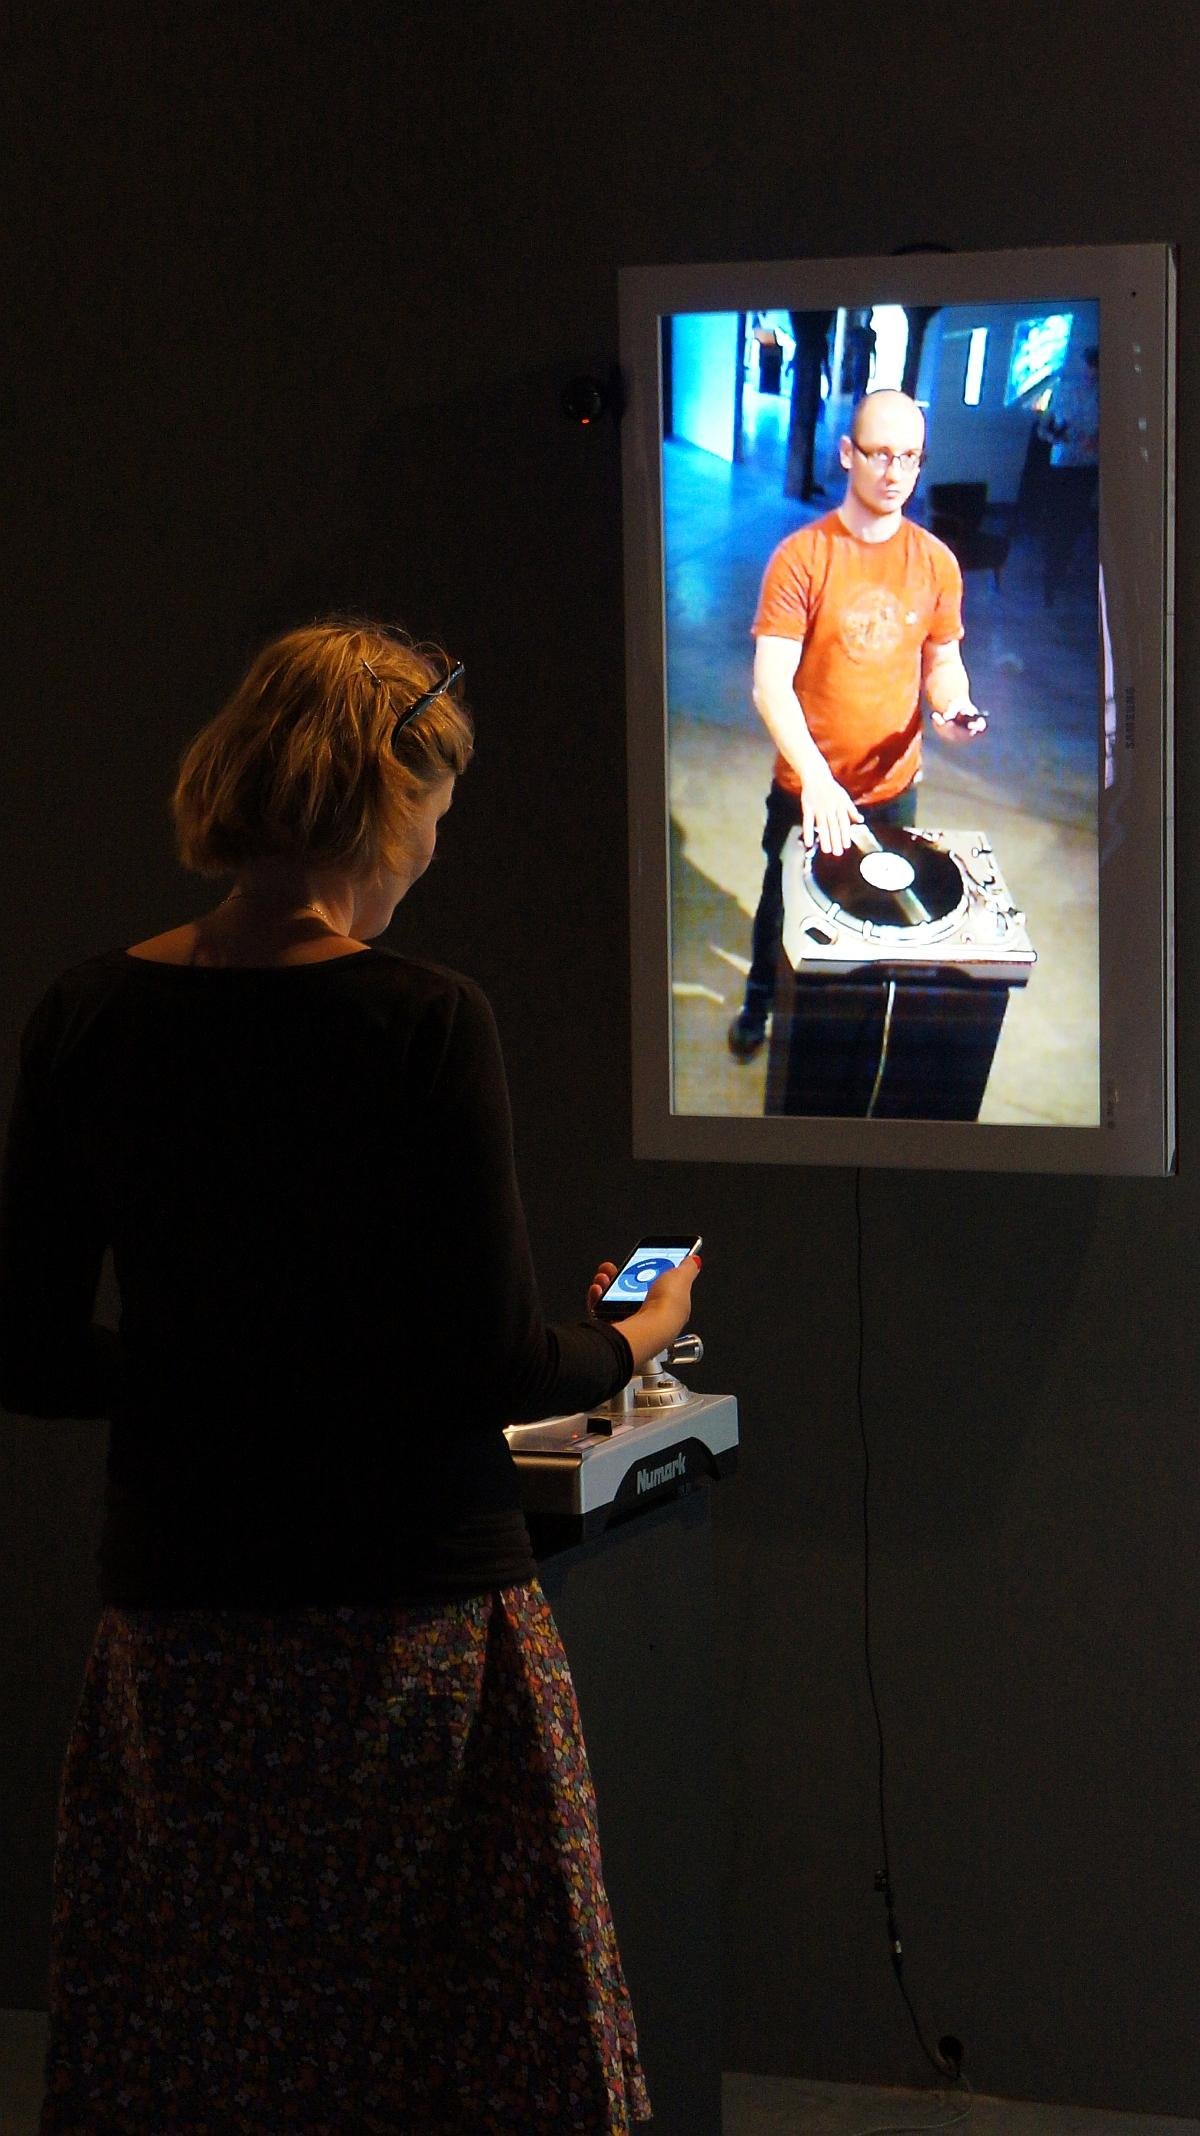 Gosia Gawlik steruje instalacją Pawła Janickiego Vinyl Video Delay, miksując zarejestrowaną wcześniej sylwetkę Bartosza Koniecznego. Zmienne-Stałe-Błądzące. AC/DC/IT, wystawa WRO Art Center, fot. WRO